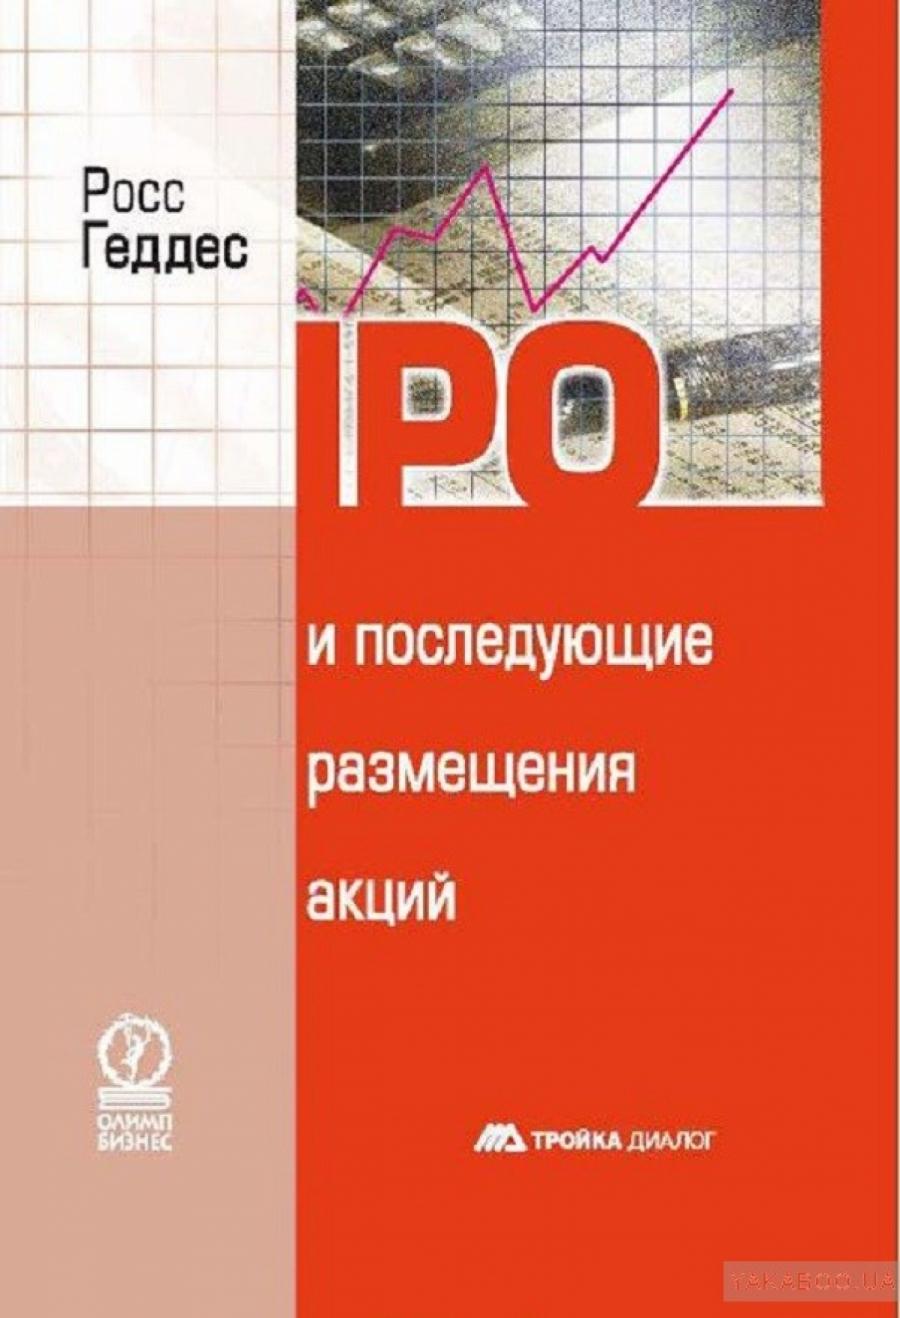 Обложка книги:  геддес росс - ipo и последующие размещения акций